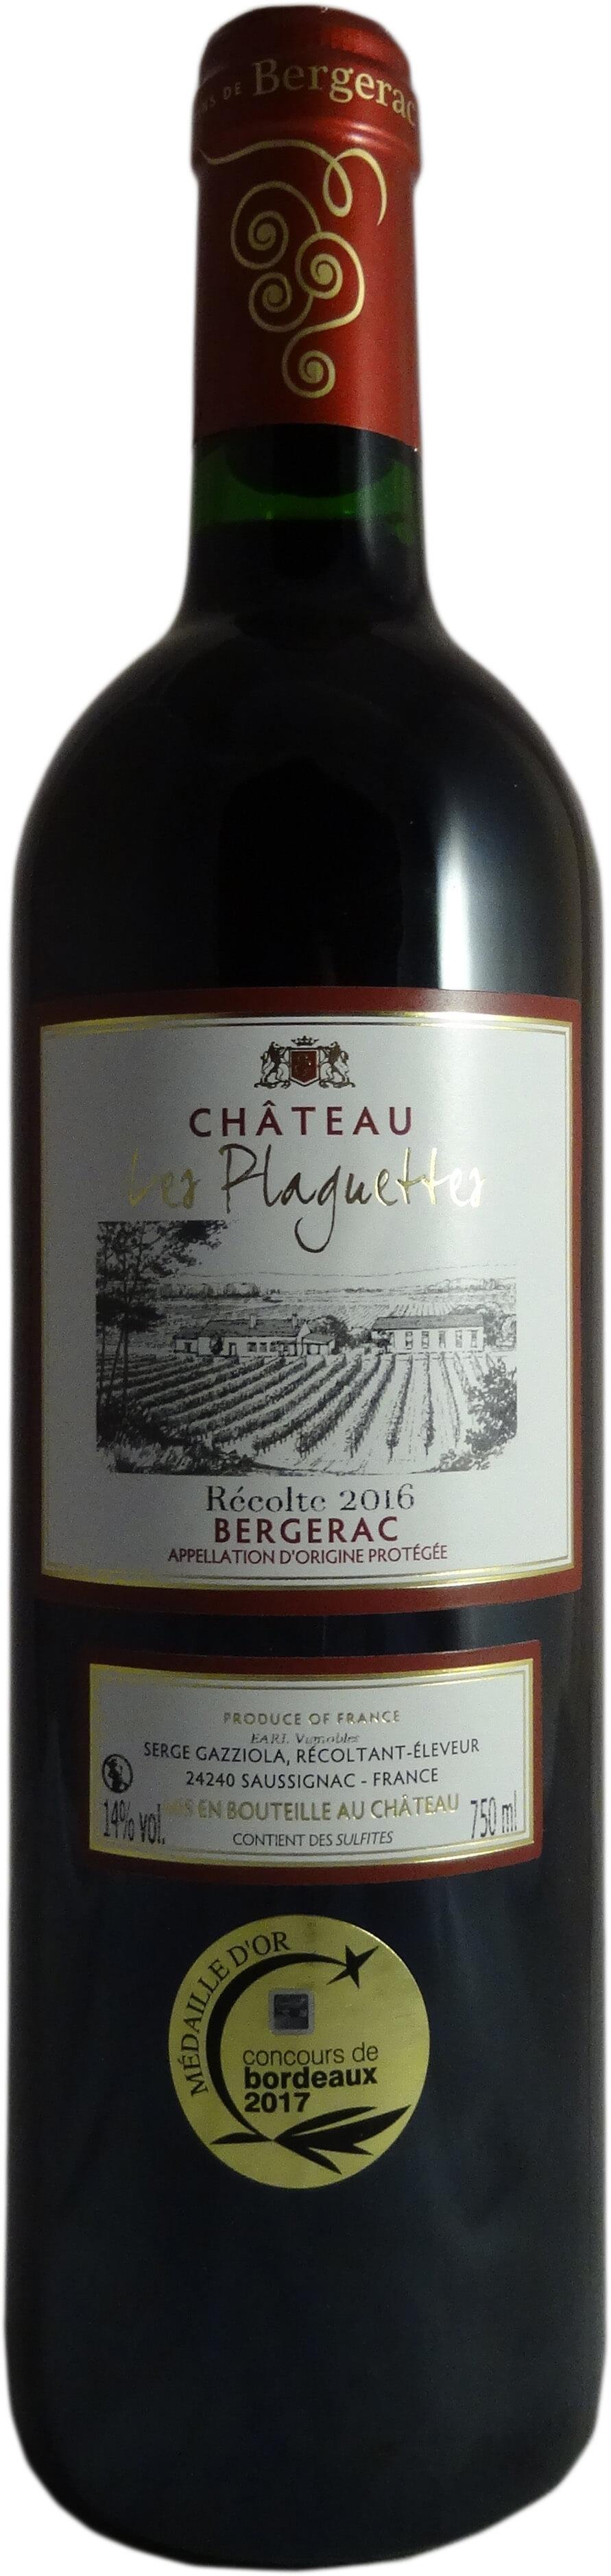 bergerac rouge plaguettes